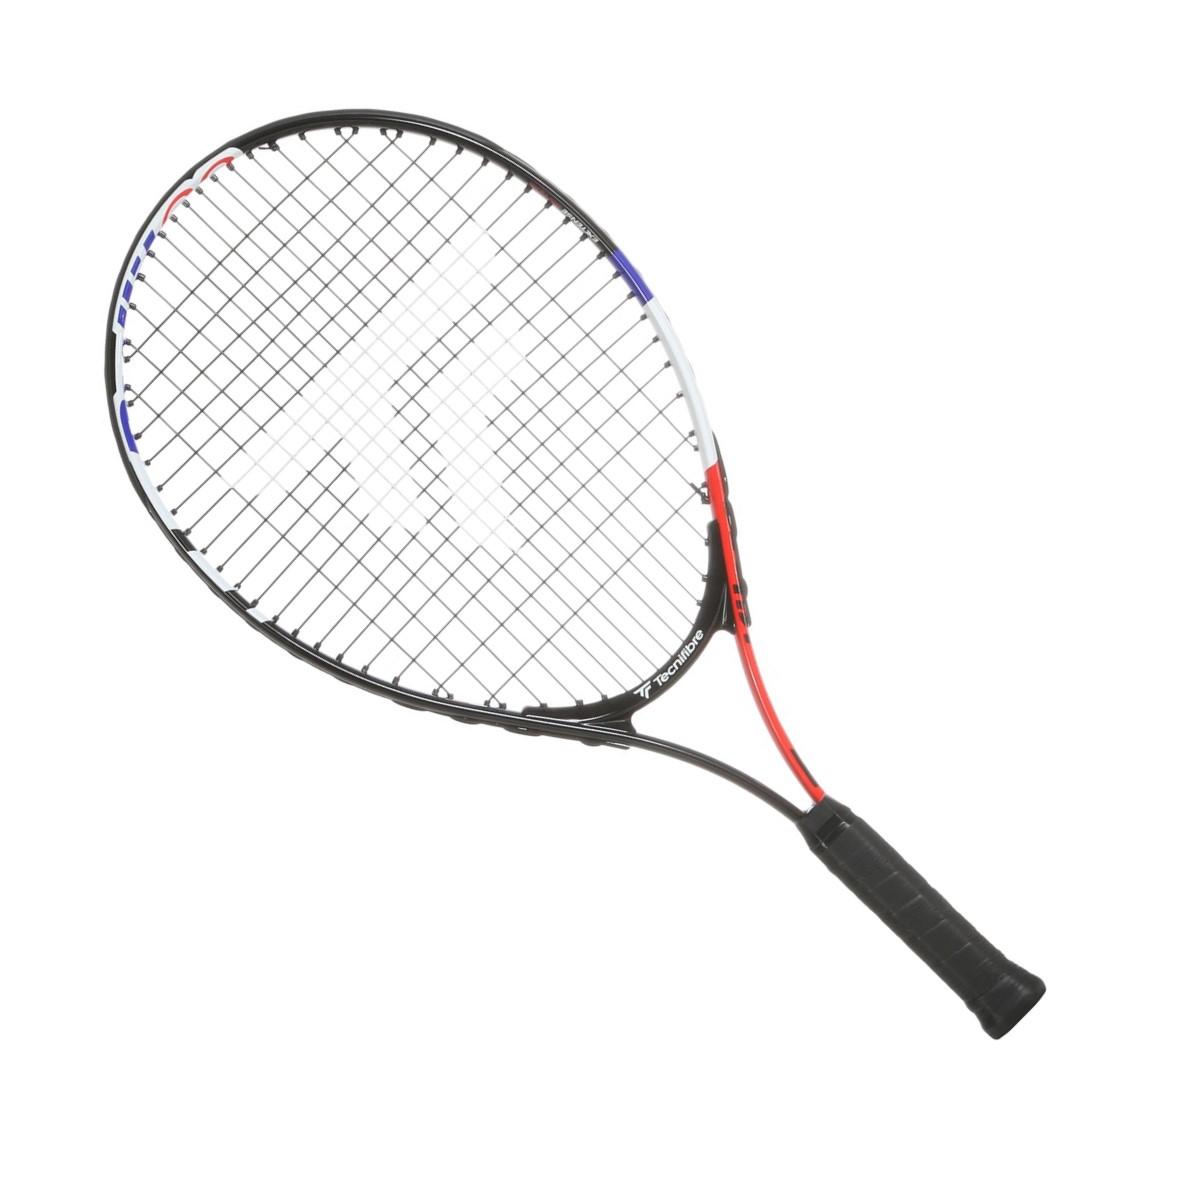 Raquete de Tênis Infantil Tecnifibre Bullit 23 - 2021